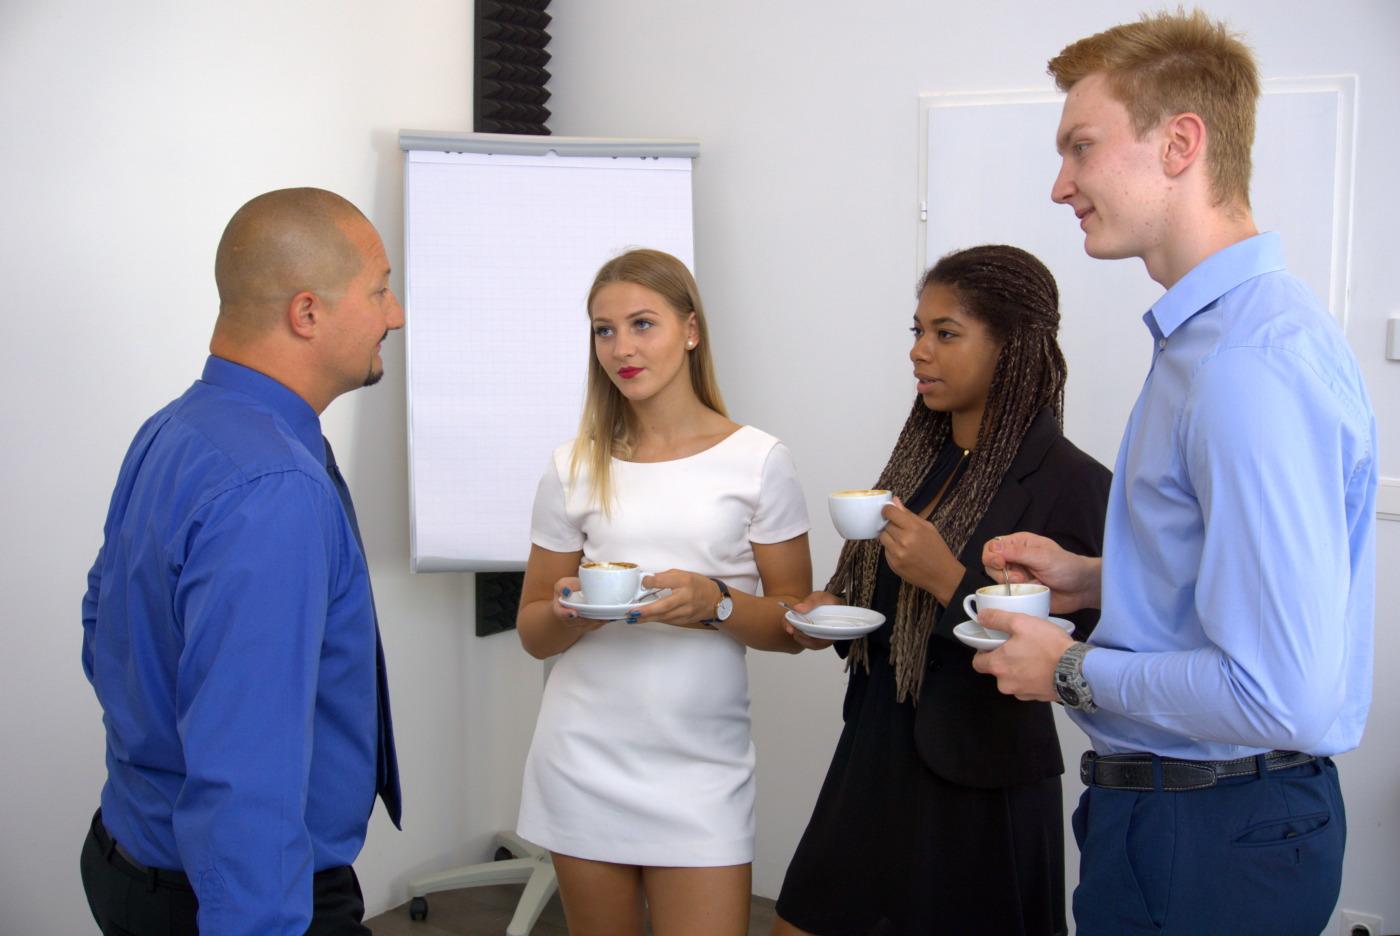 Smalltalk von Geschäftsleuten in einer Pause